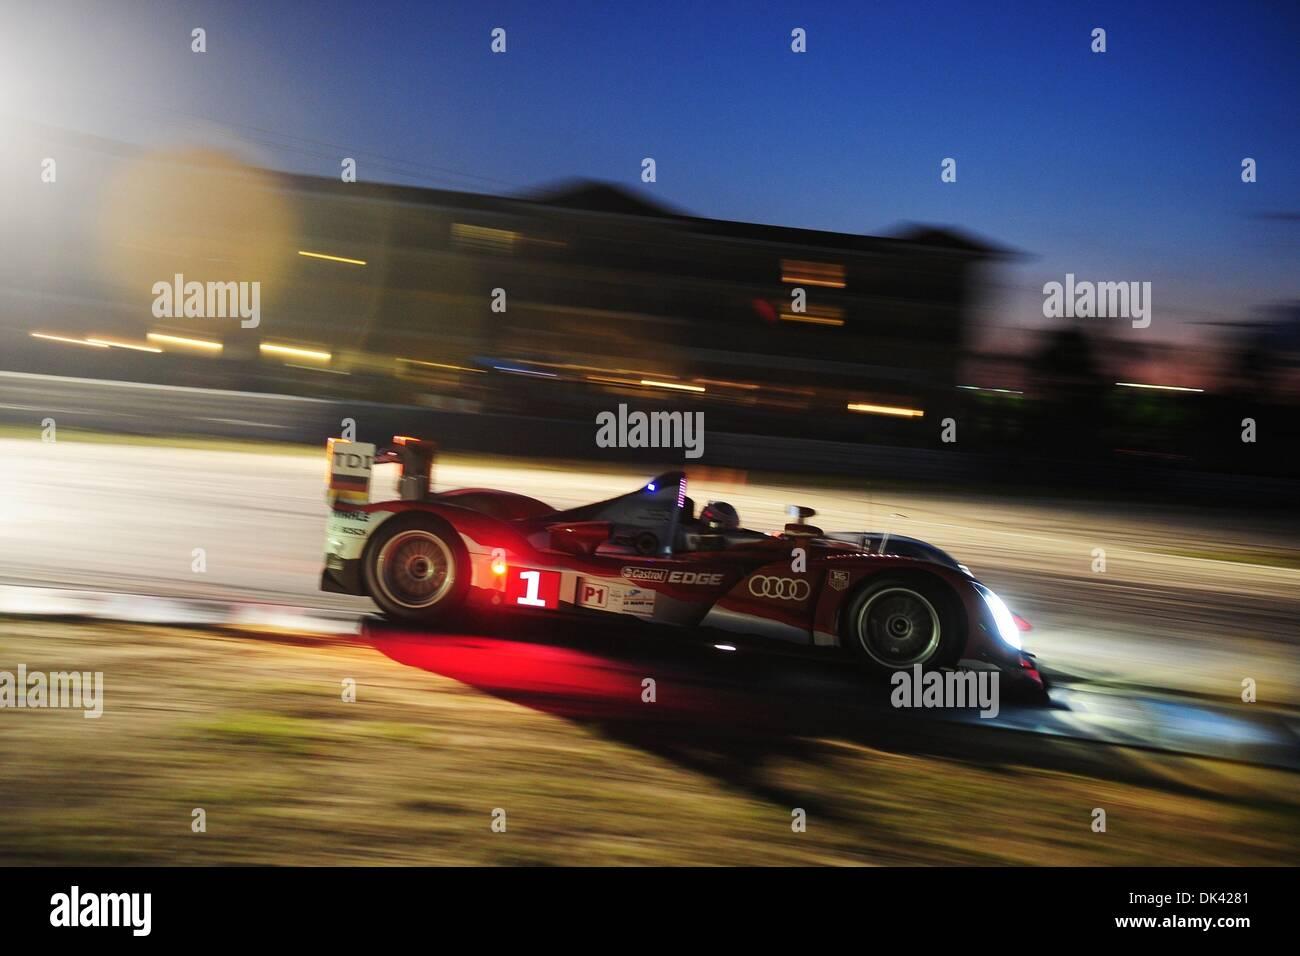 18. März 2011 - treibt Sebring, Florida, USA - Audi Sport-Fahrer MIKE ROCKENFELLER, Deutschland, der R15 Plus während der Nacht Praxis für die 12 Stunden von Sebring. (Kredit-Bild: © Rainier Ehrhardt/ZUMA Press/Rainier Ehrhardt) Stockbild